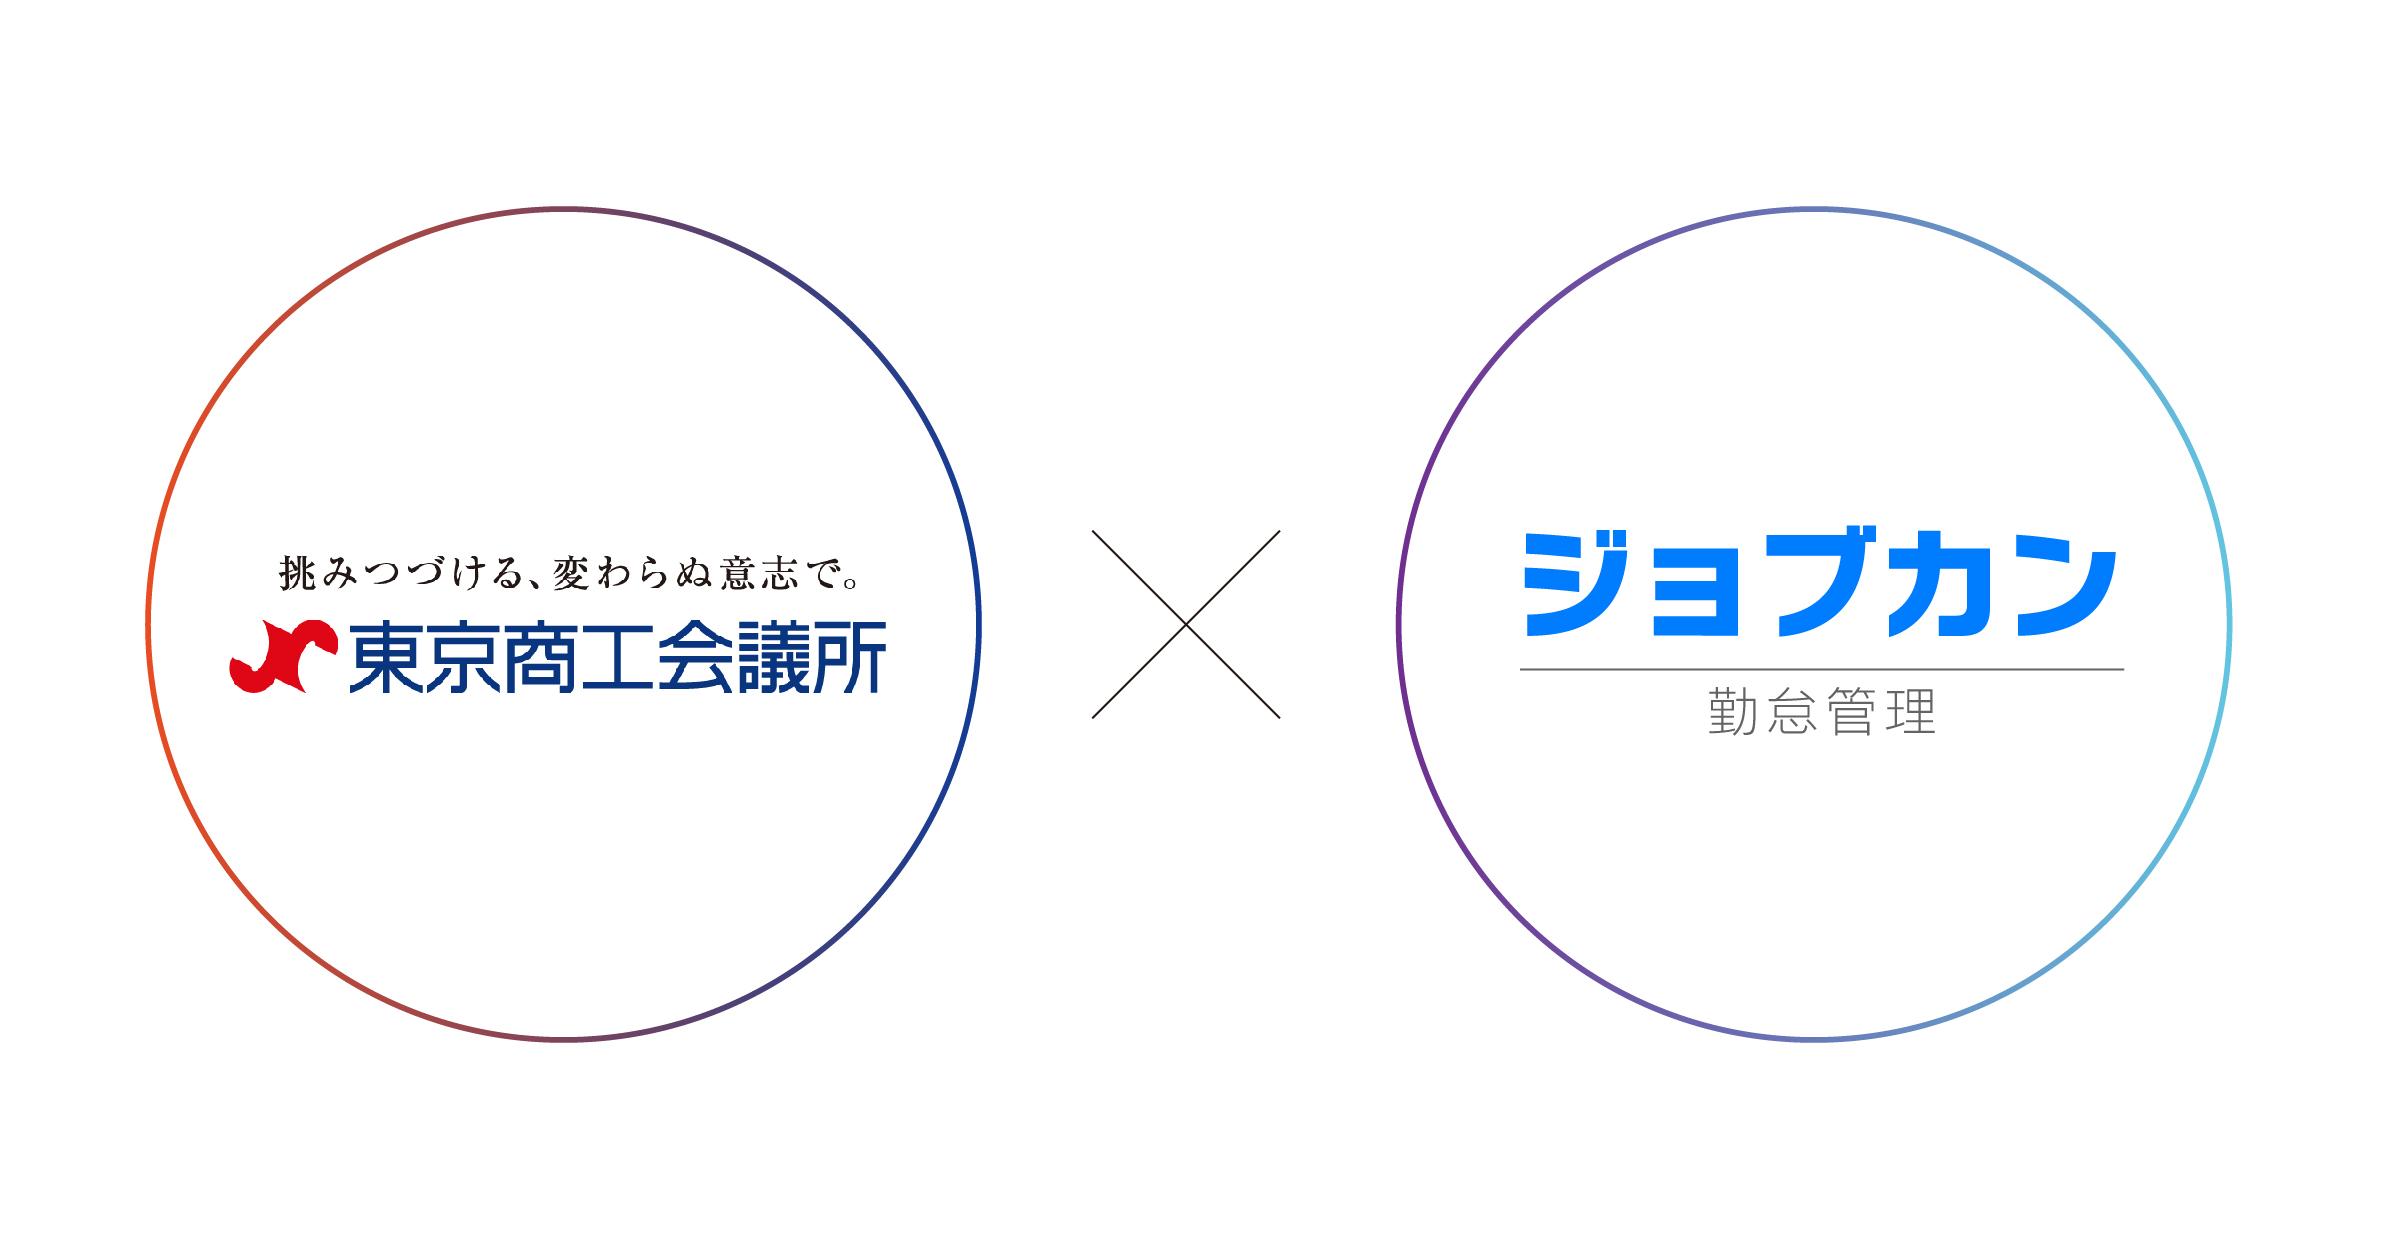 ジョブカン勤怠管理が東京商工会議所と連携。中小企業のIT導入をともに促進